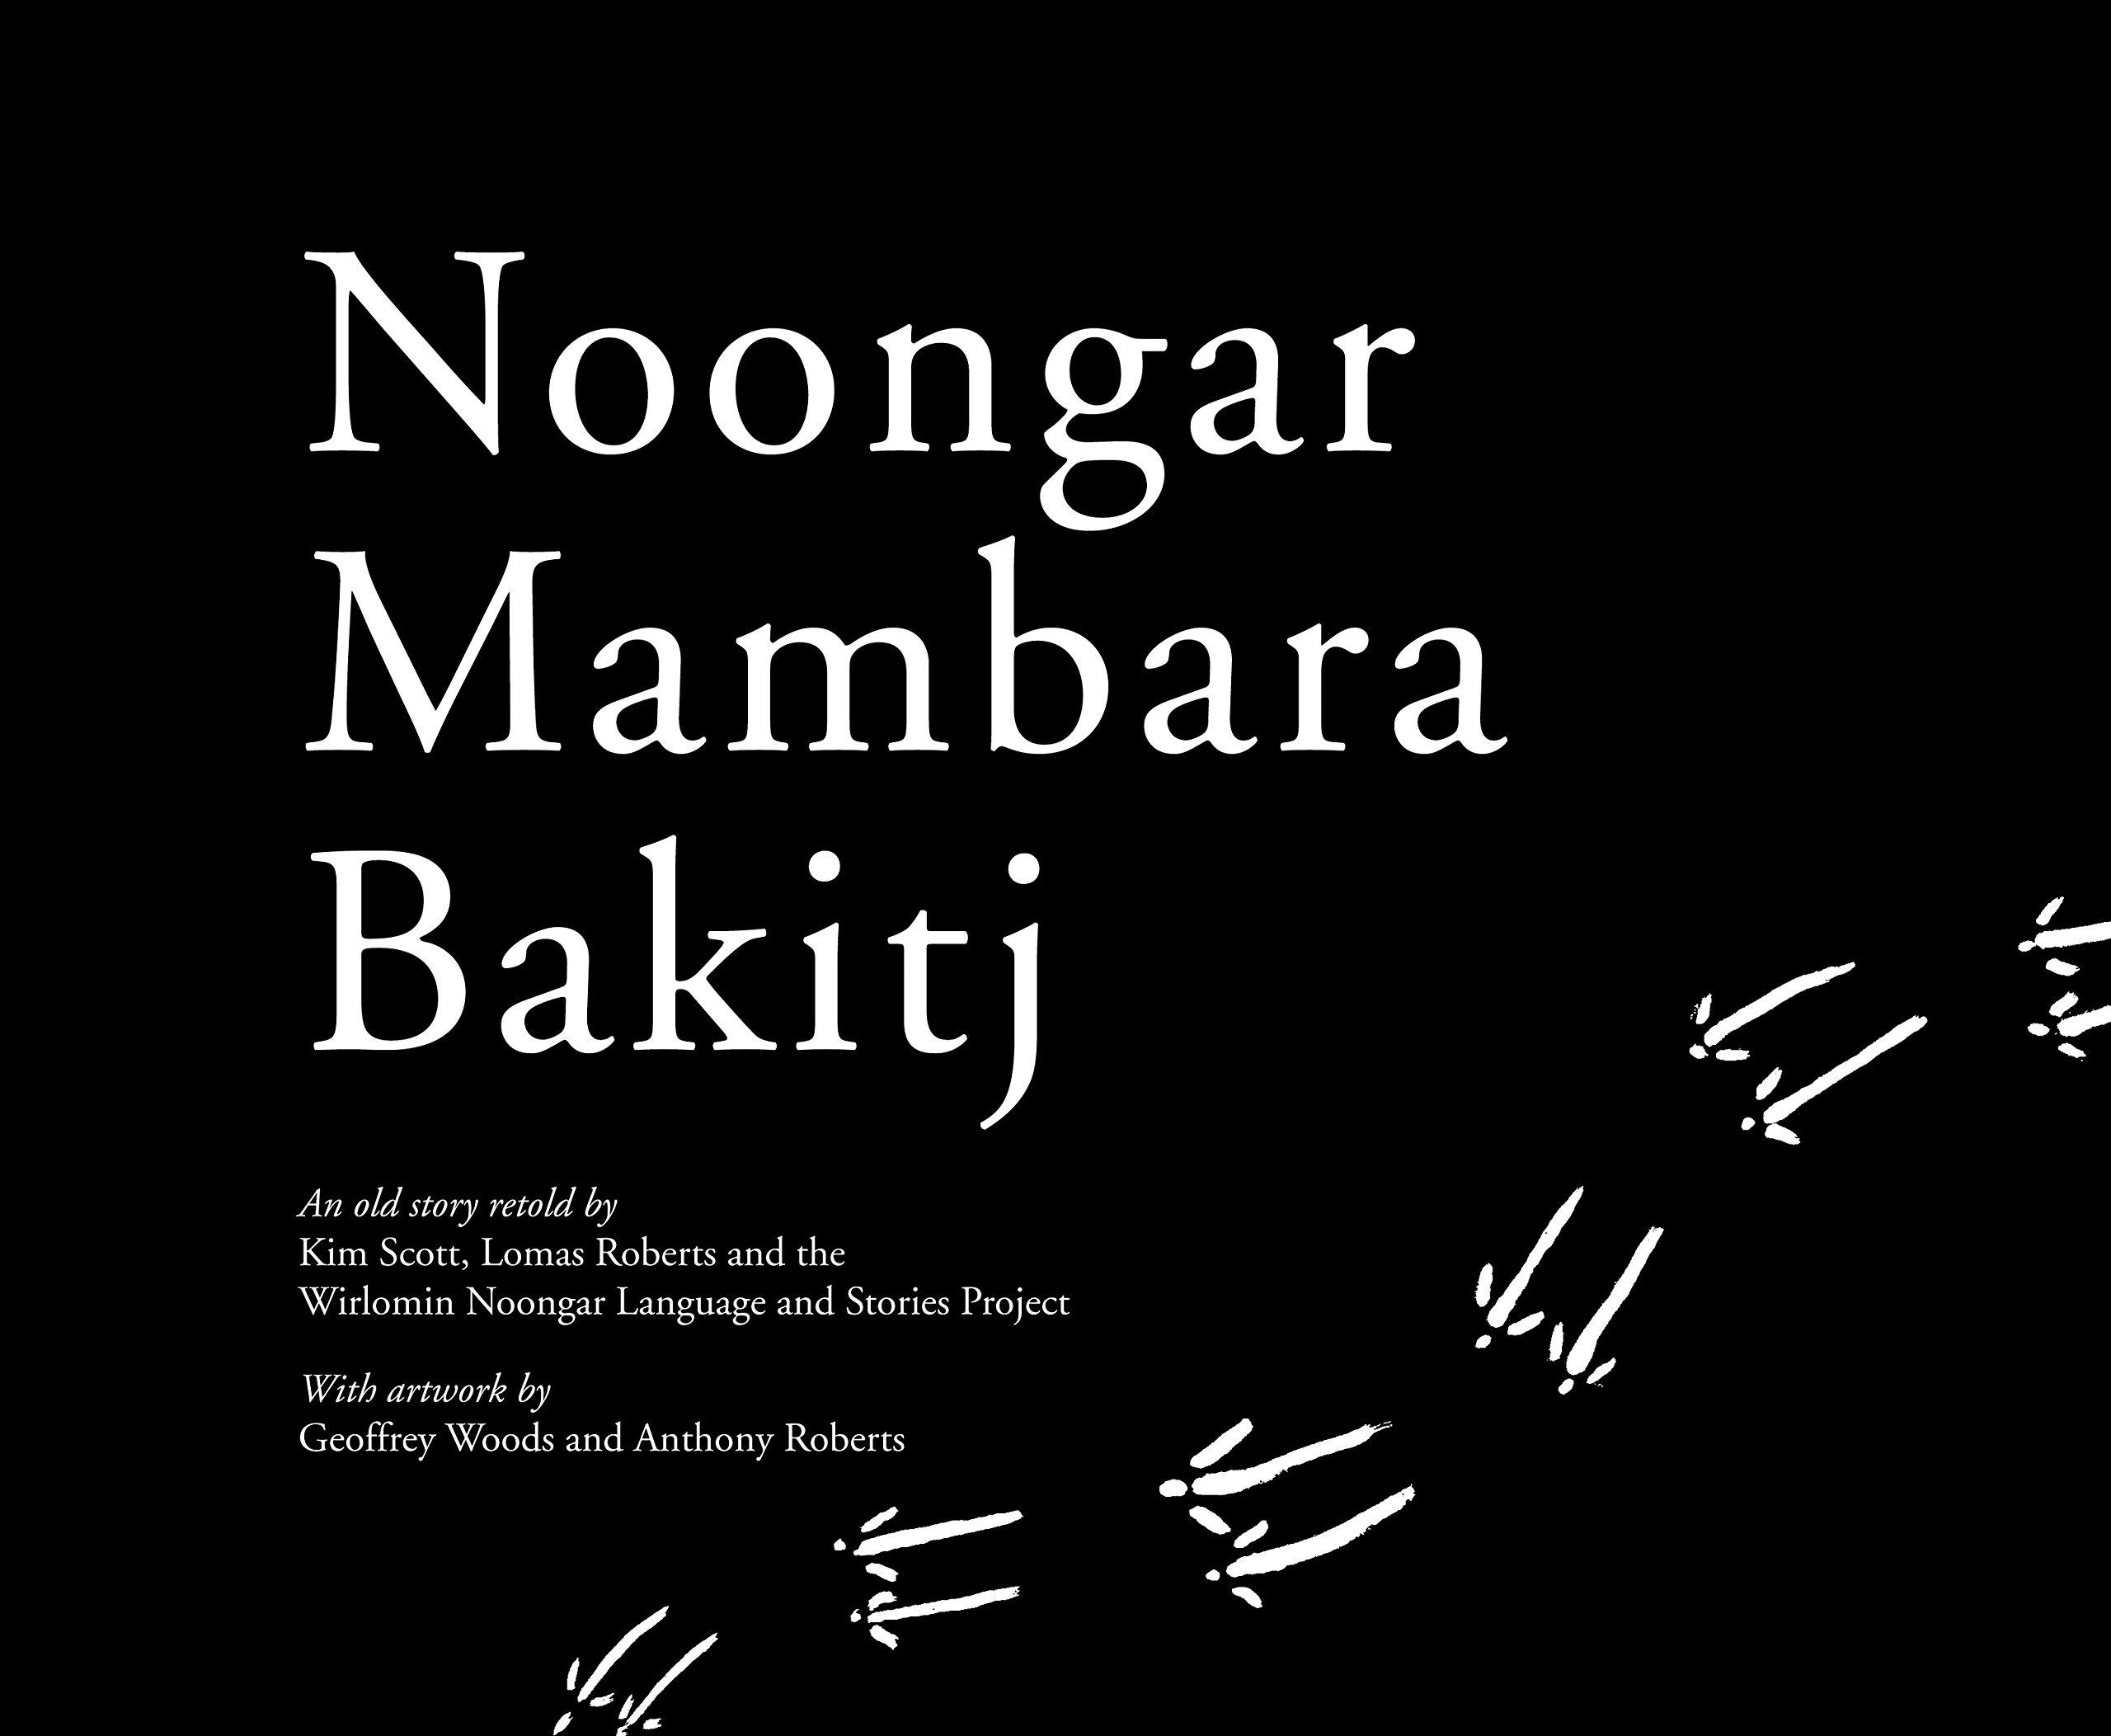 Noongar Mambara Bakitj (Wirlomin Noongar Language and Stories Project) by UWA Publishing